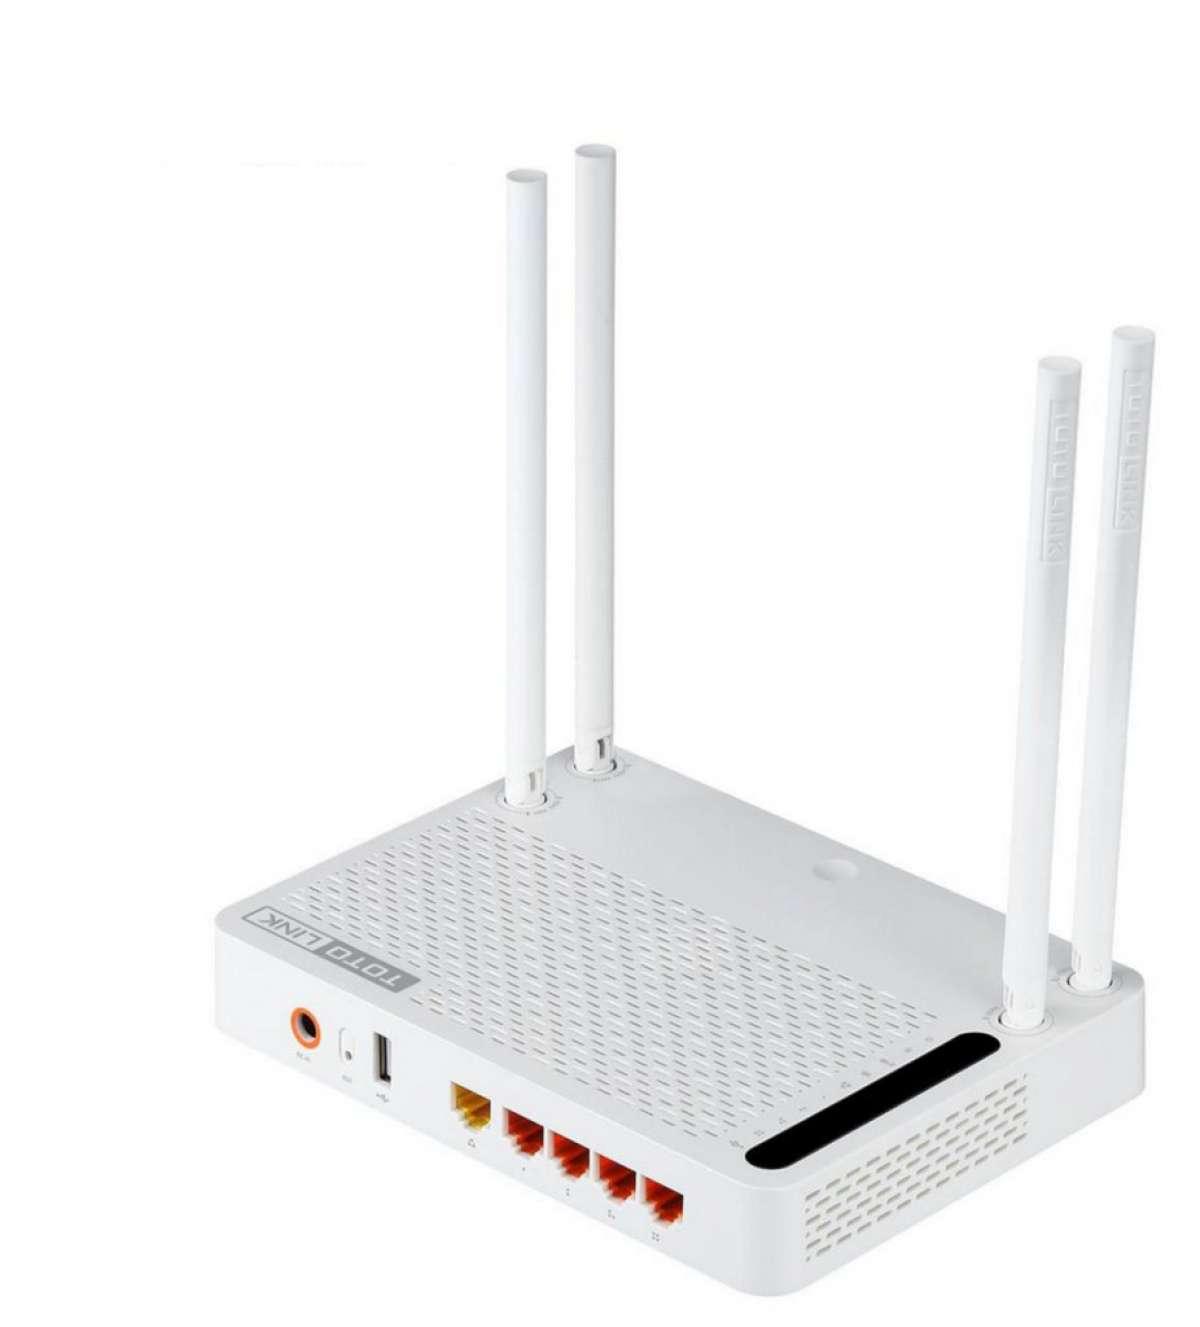 قیمت تجهیزات شبکه اهواز قیمت تجهیزات شبکه اهواز